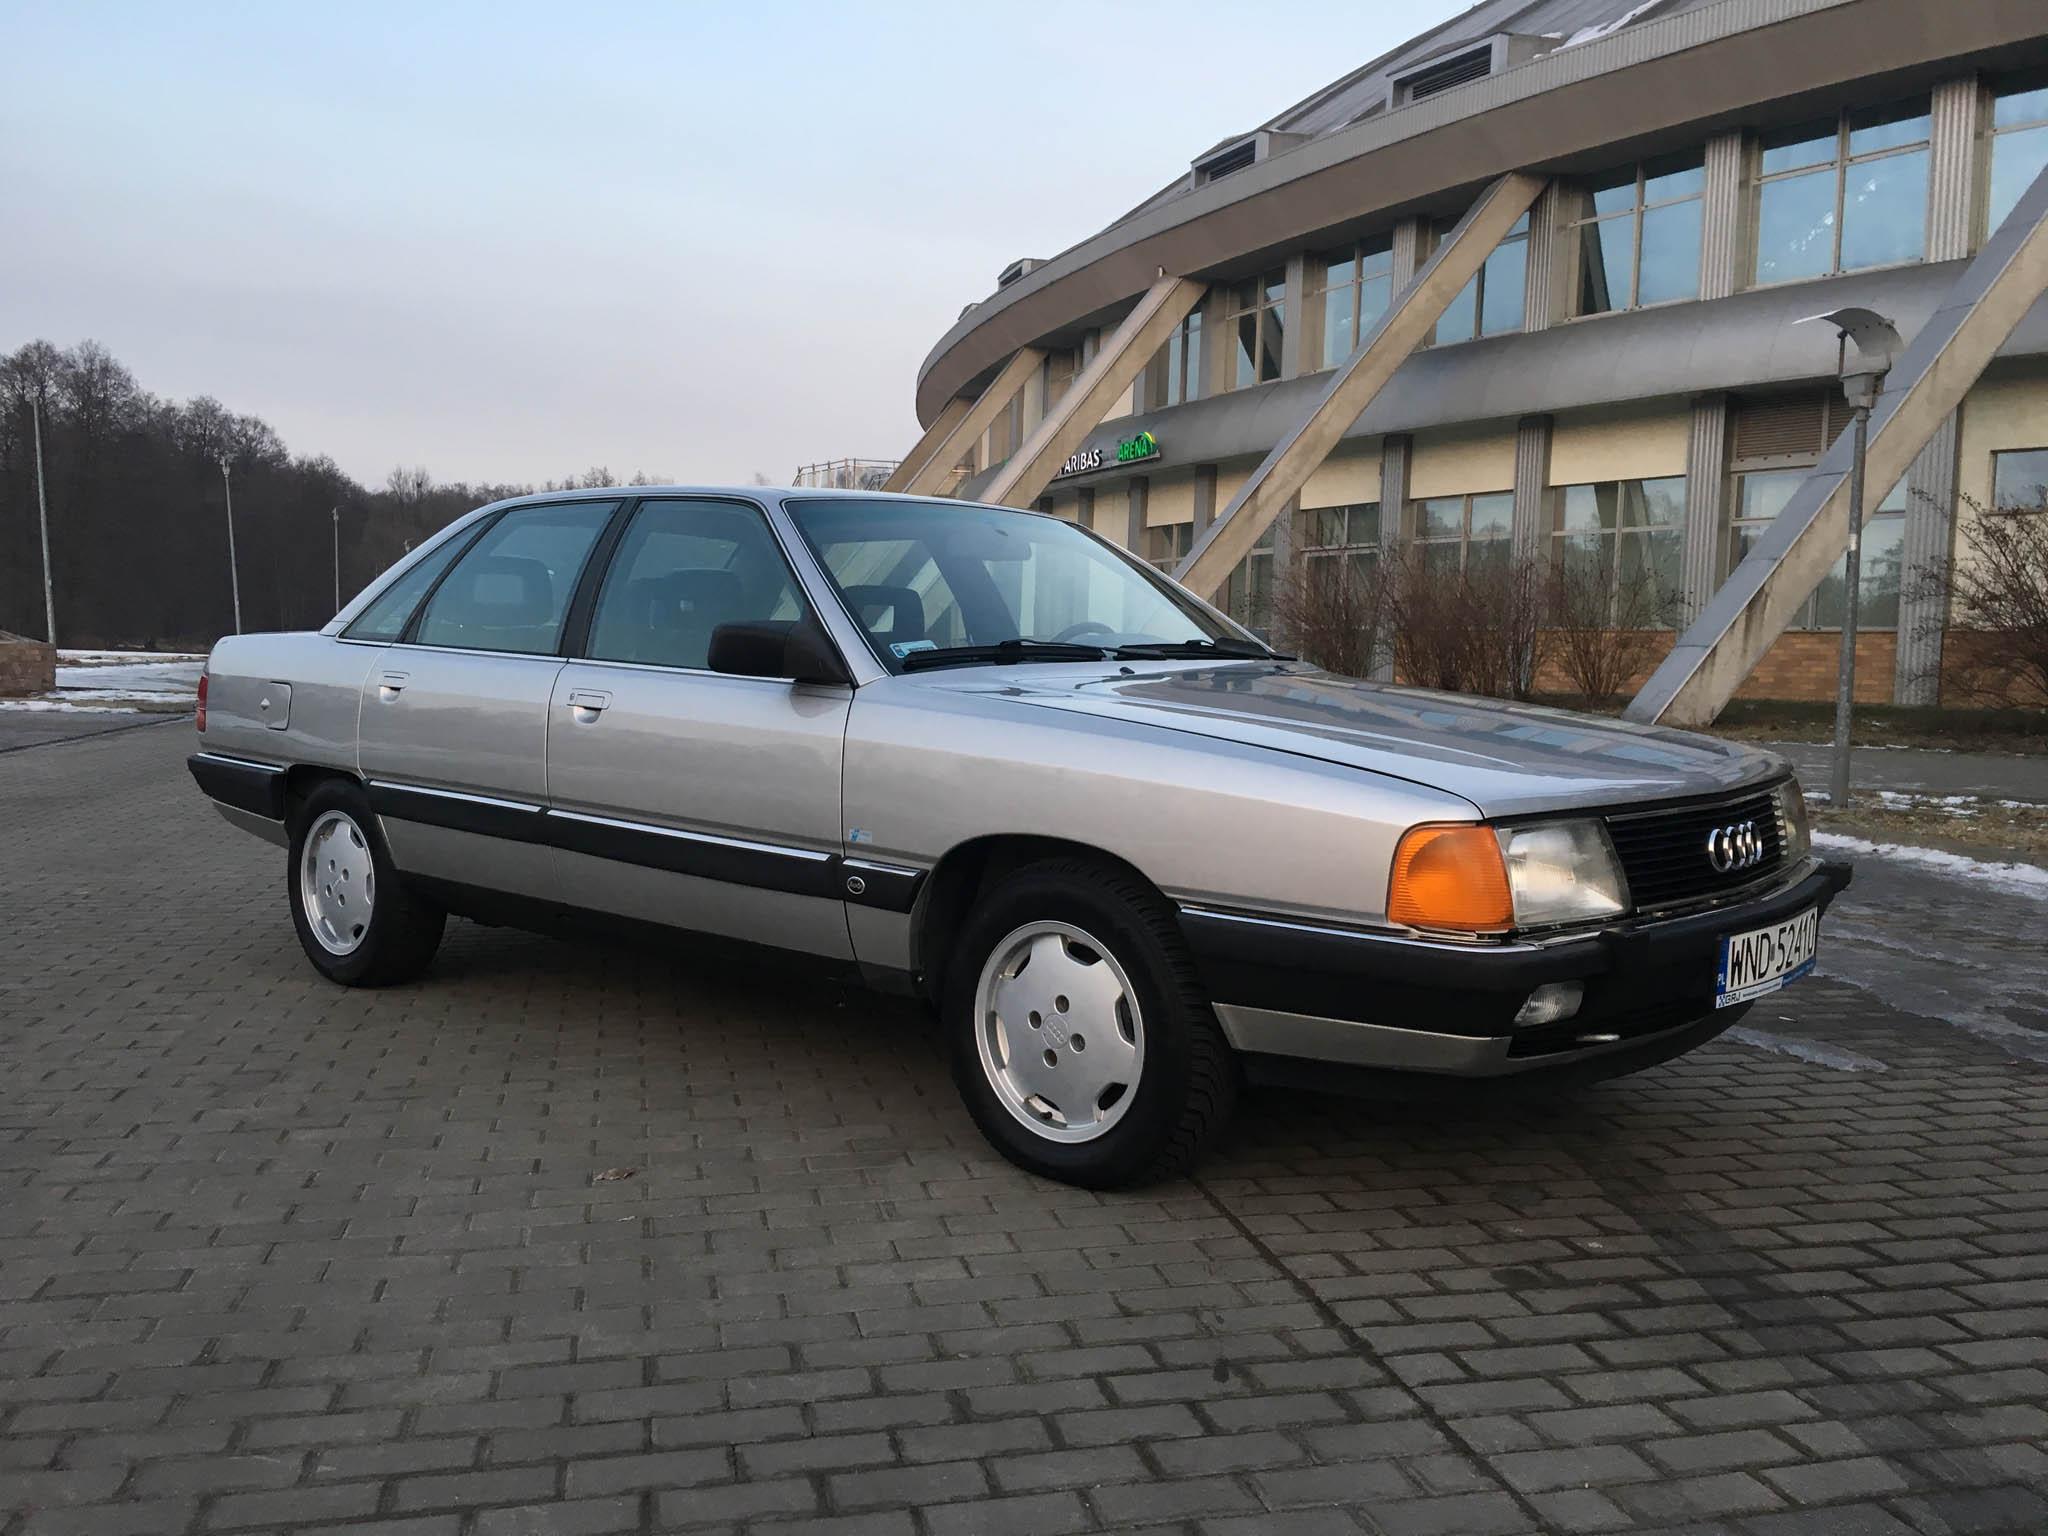 Audi 100 C3 1990 - 14700 PLN - Warszawa - Giełda klasyków